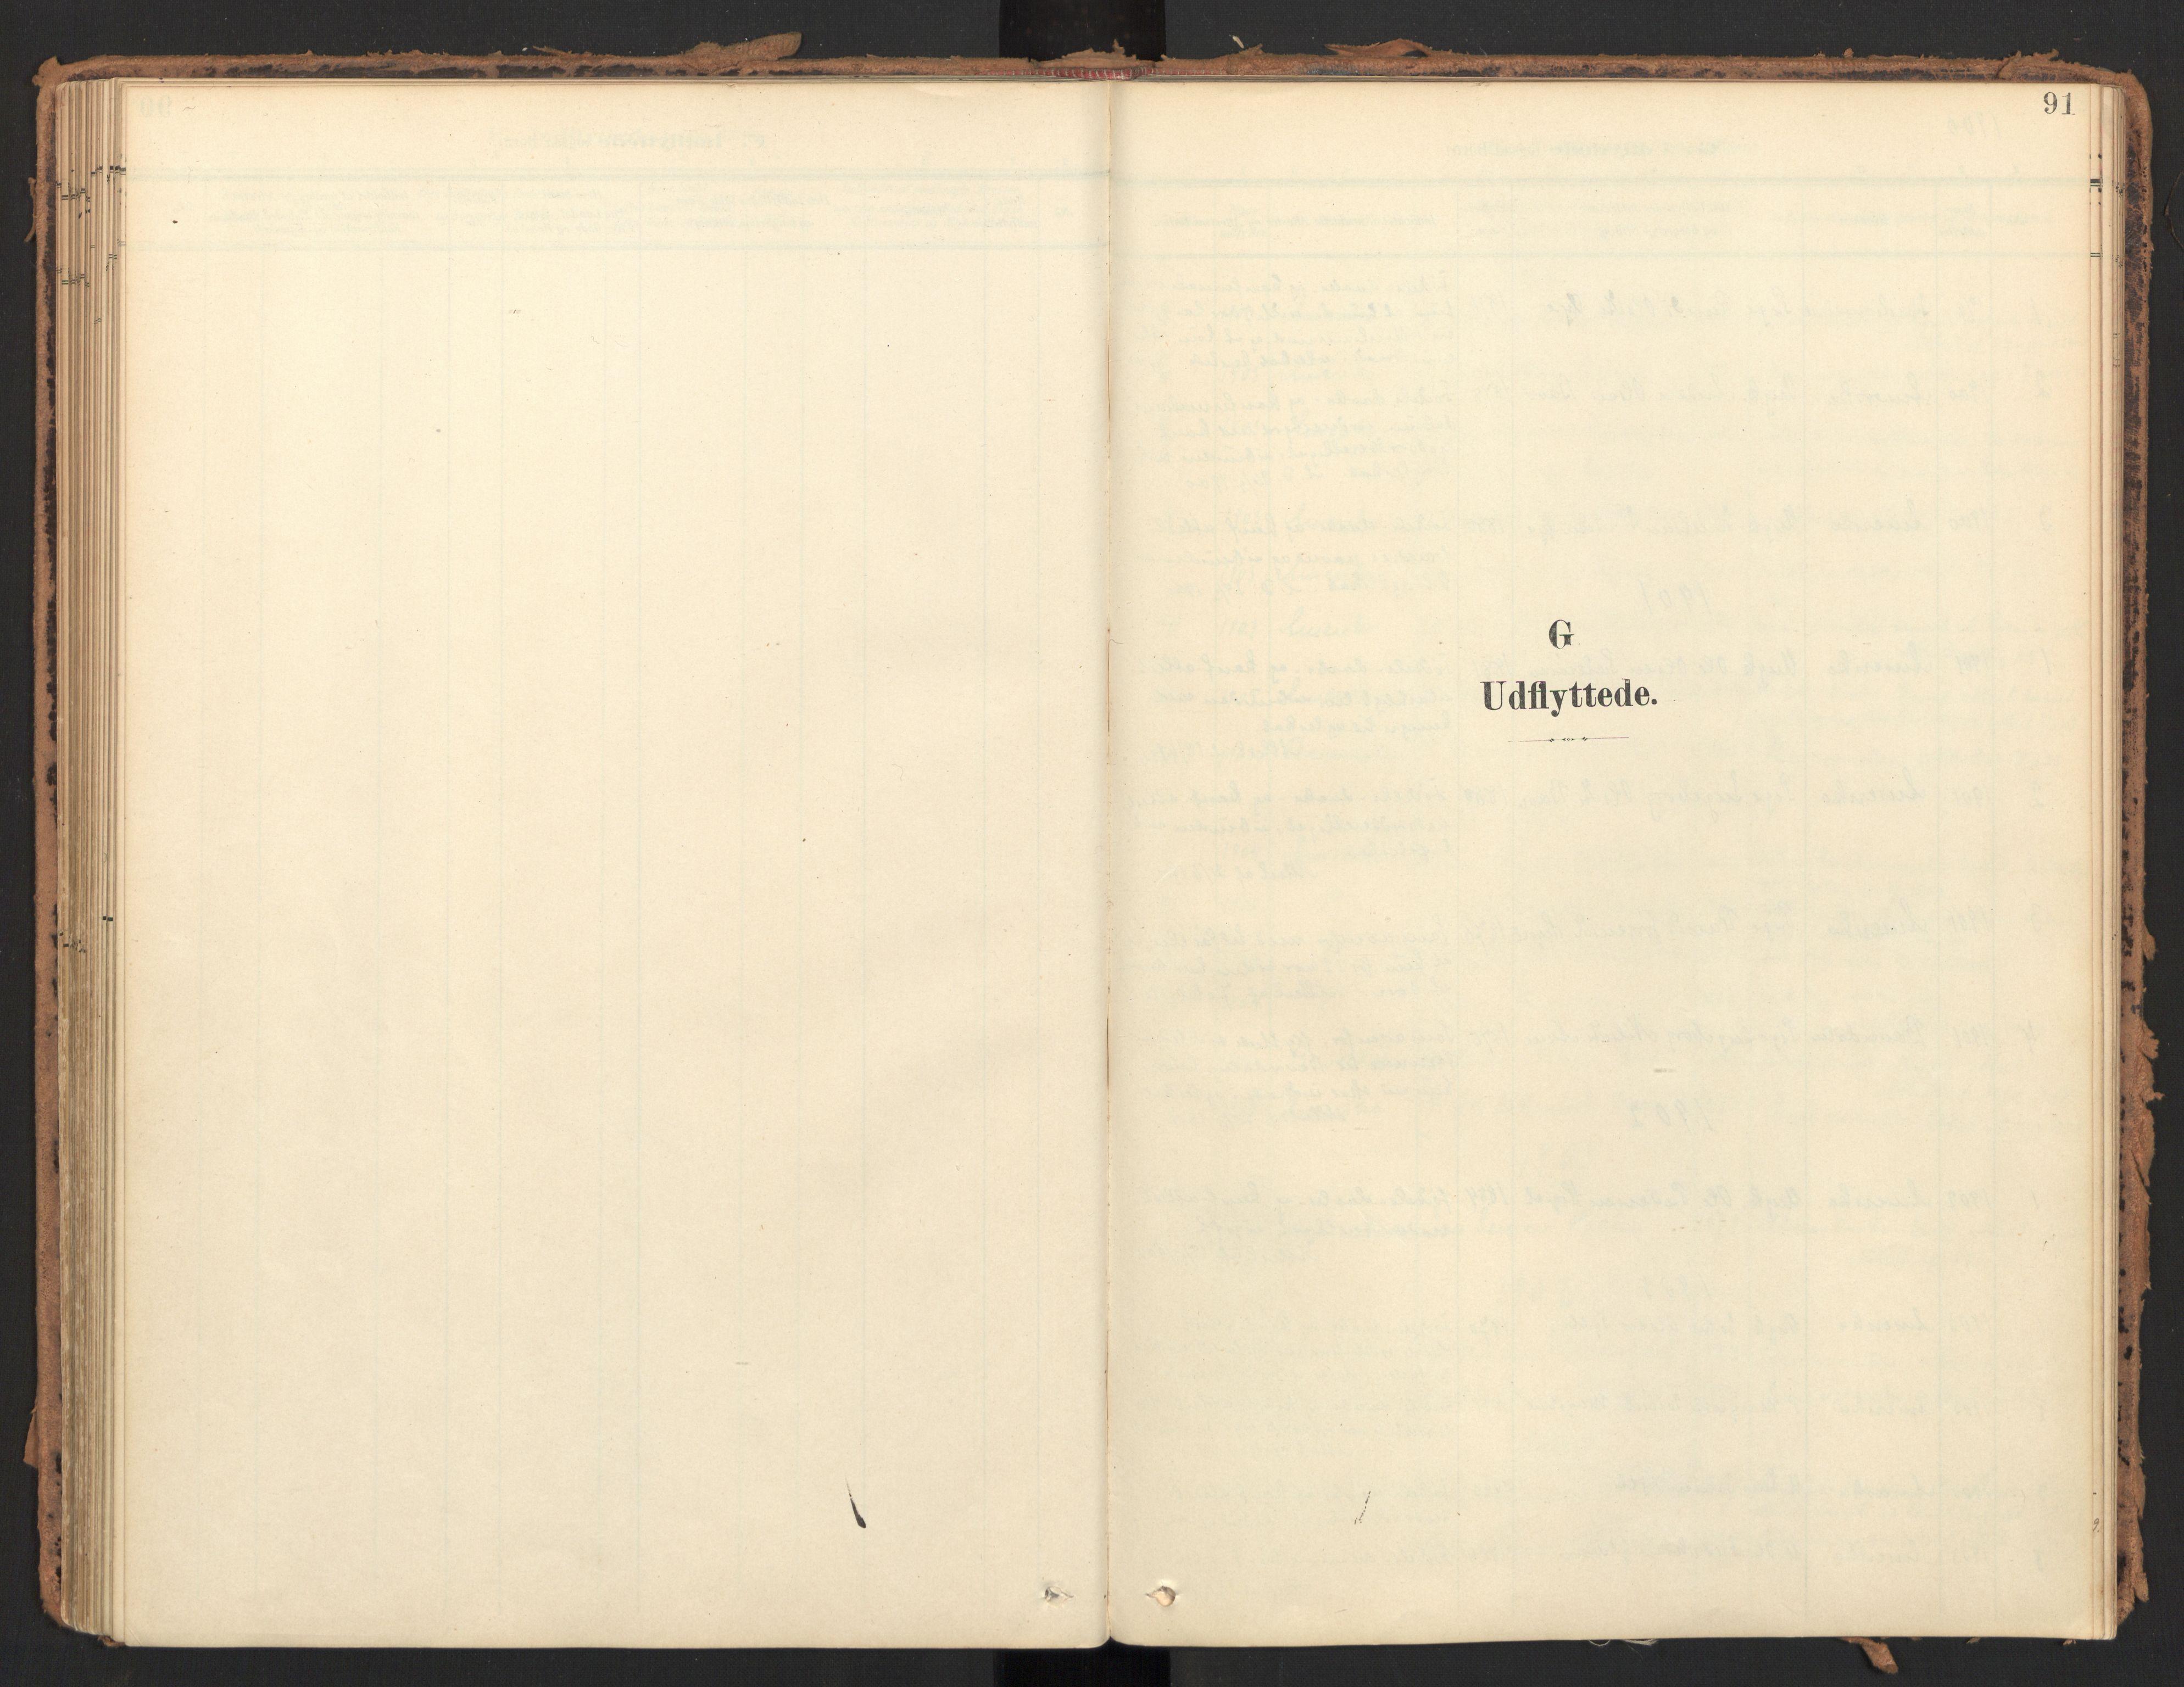 SAT, Ministerialprotokoller, klokkerbøker og fødselsregistre - Møre og Romsdal, 595/L1048: Ministerialbok nr. 595A10, 1900-1917, s. 91